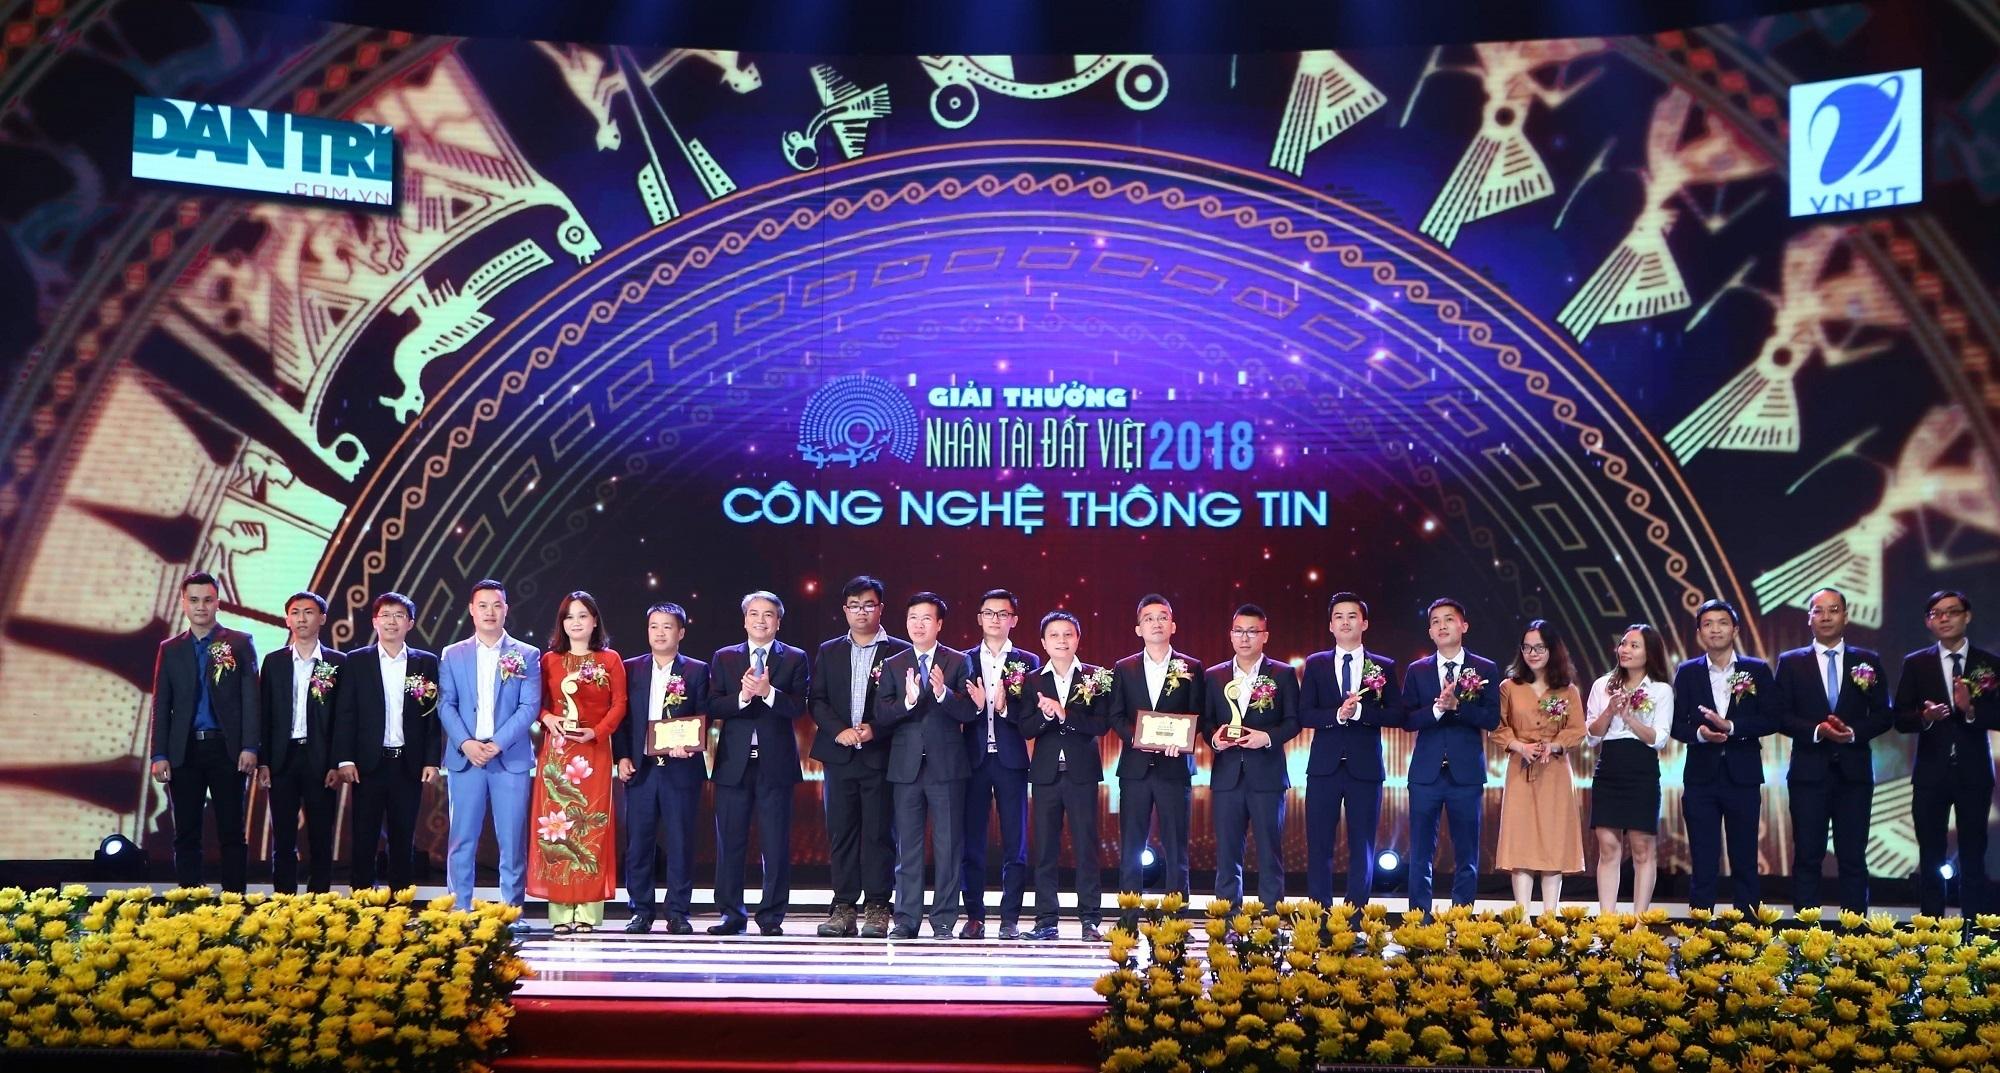 Giải thưởng Nhân tài Đất Việt luôn mở rộng cơ hội với mọi đối tượng trong xã hội - 3